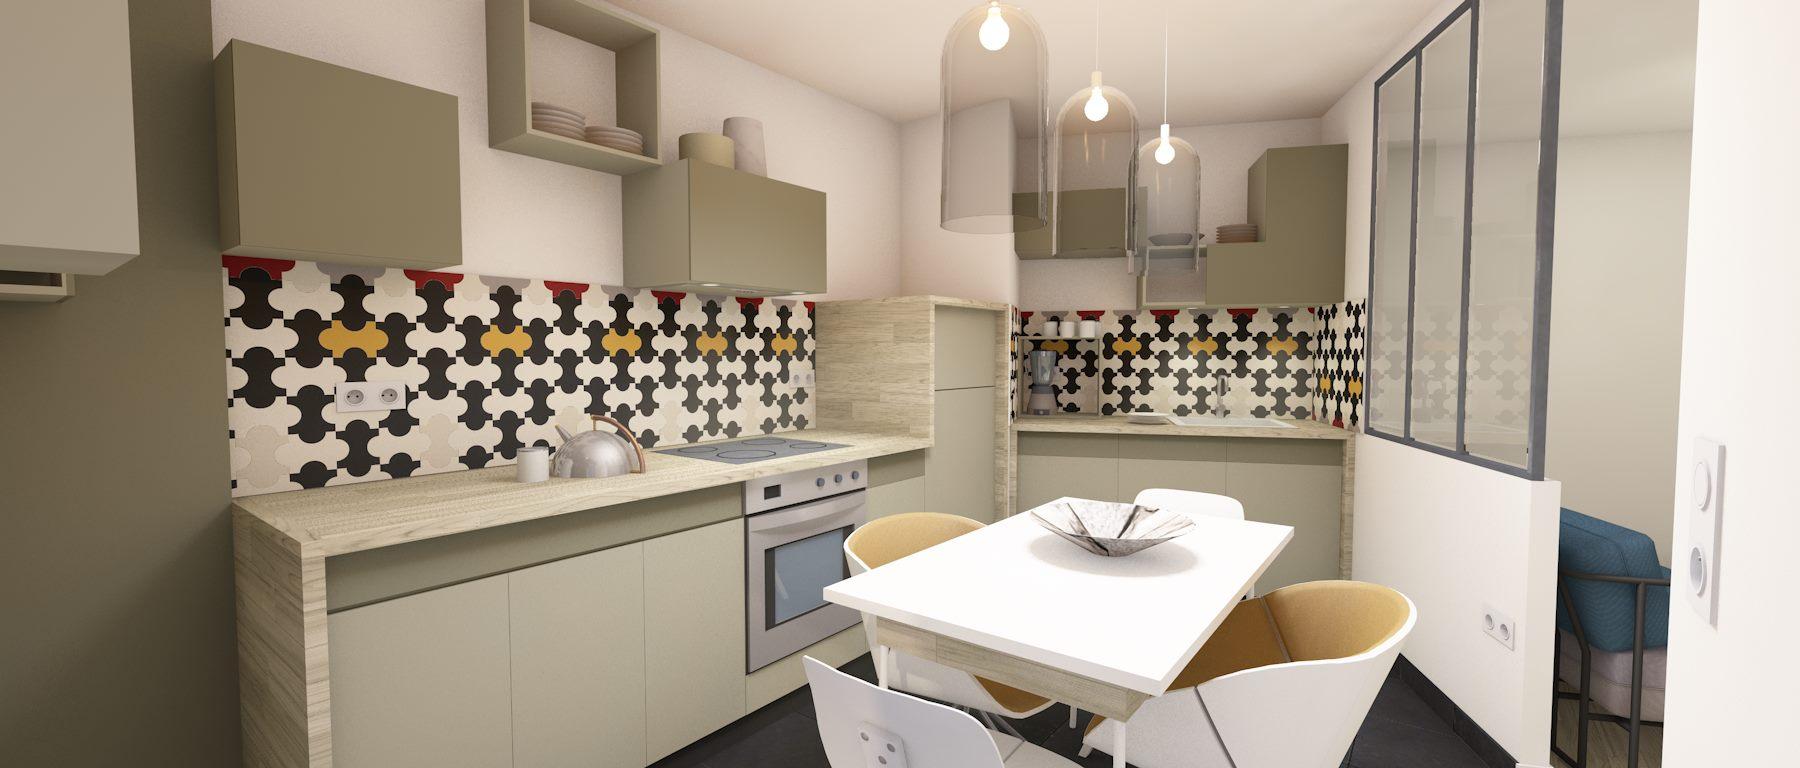 3D cuisine avec verrière étude 2